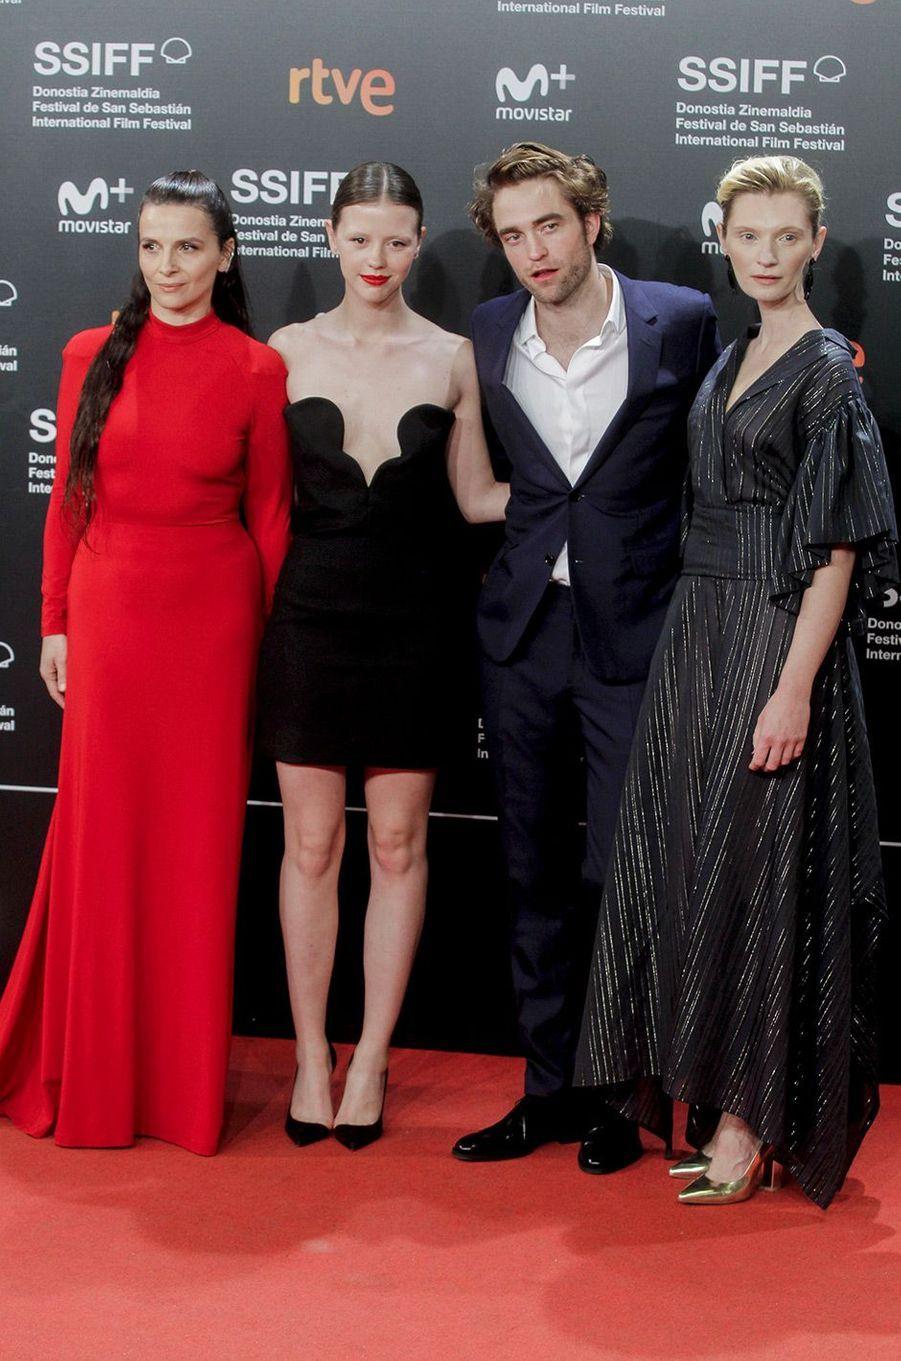 """Juliette Binoche, Mia Goth, Agata Buzek et Robert Pattinson présentent """"High Life"""", de Claire Denis, au festival du film de San Sebastian, jeudi 27 septembre"""